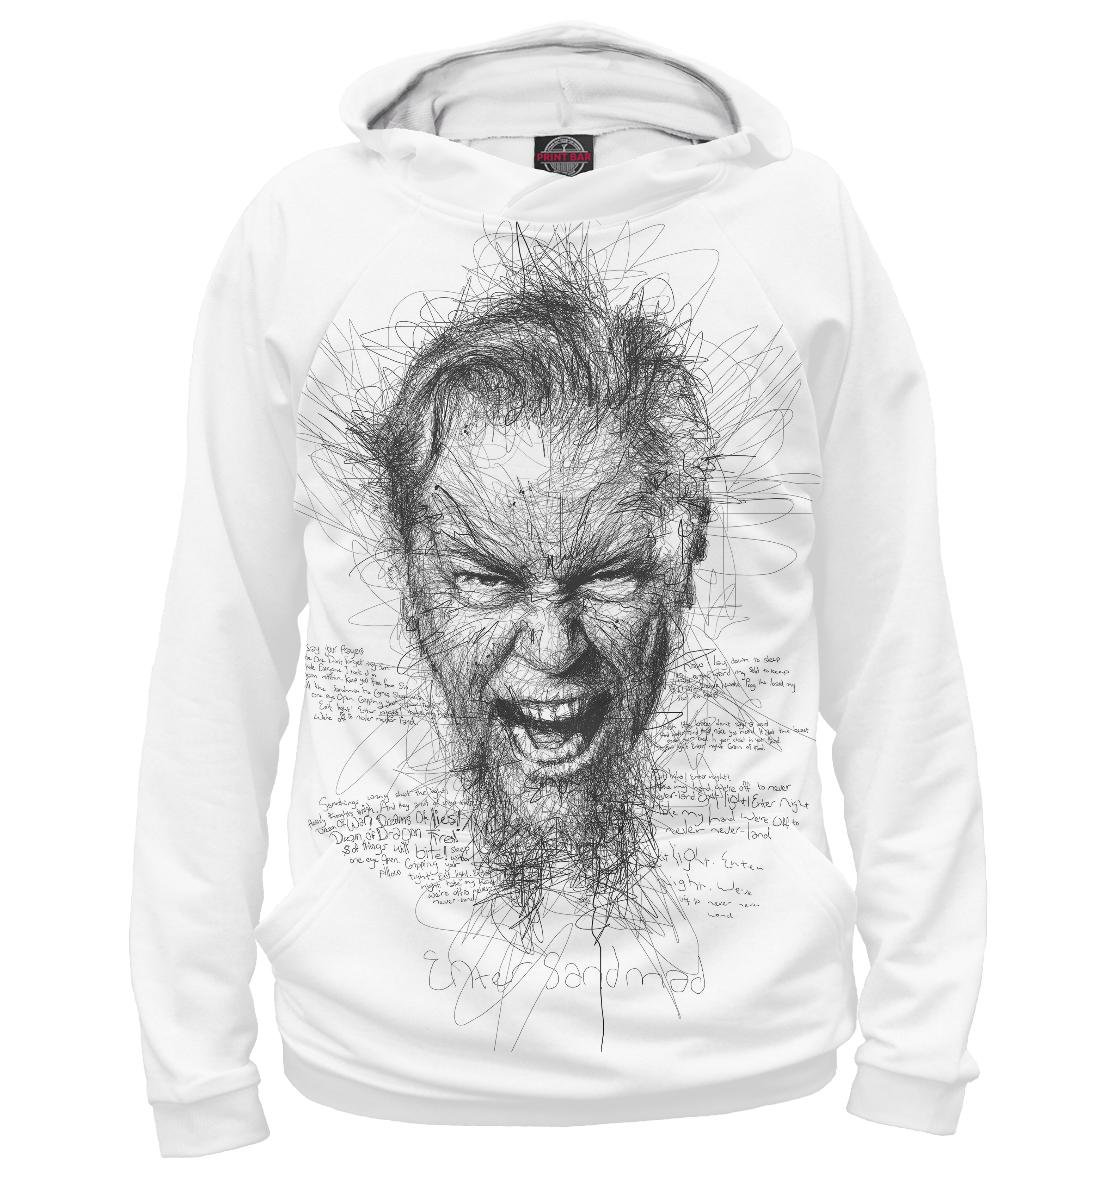 Купить Metallica Джеймс Хэтфилд, Printbar, Худи, MET-844849-hud-2